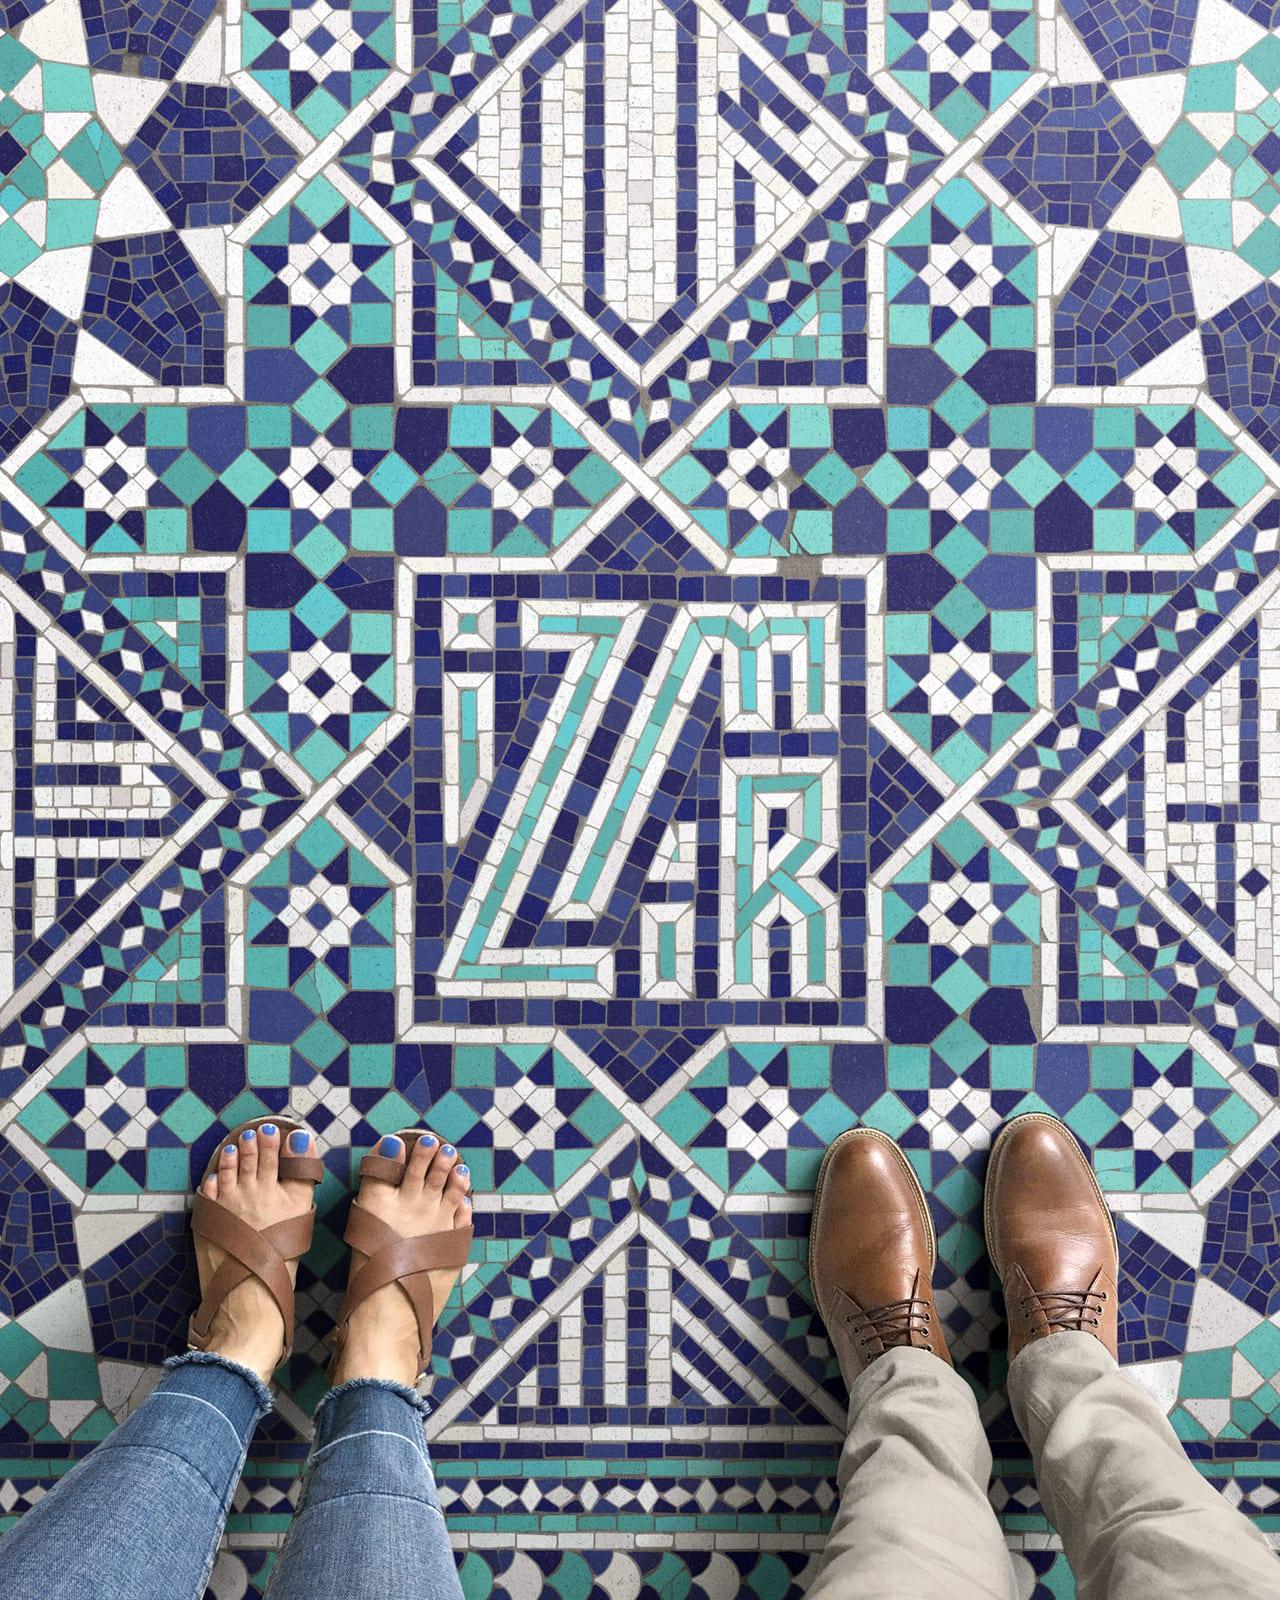 tumblr ott2y3fIIE1w8ix4xo1 1280 - Pestrofarebné mozaiky od talentovaného kreatívca